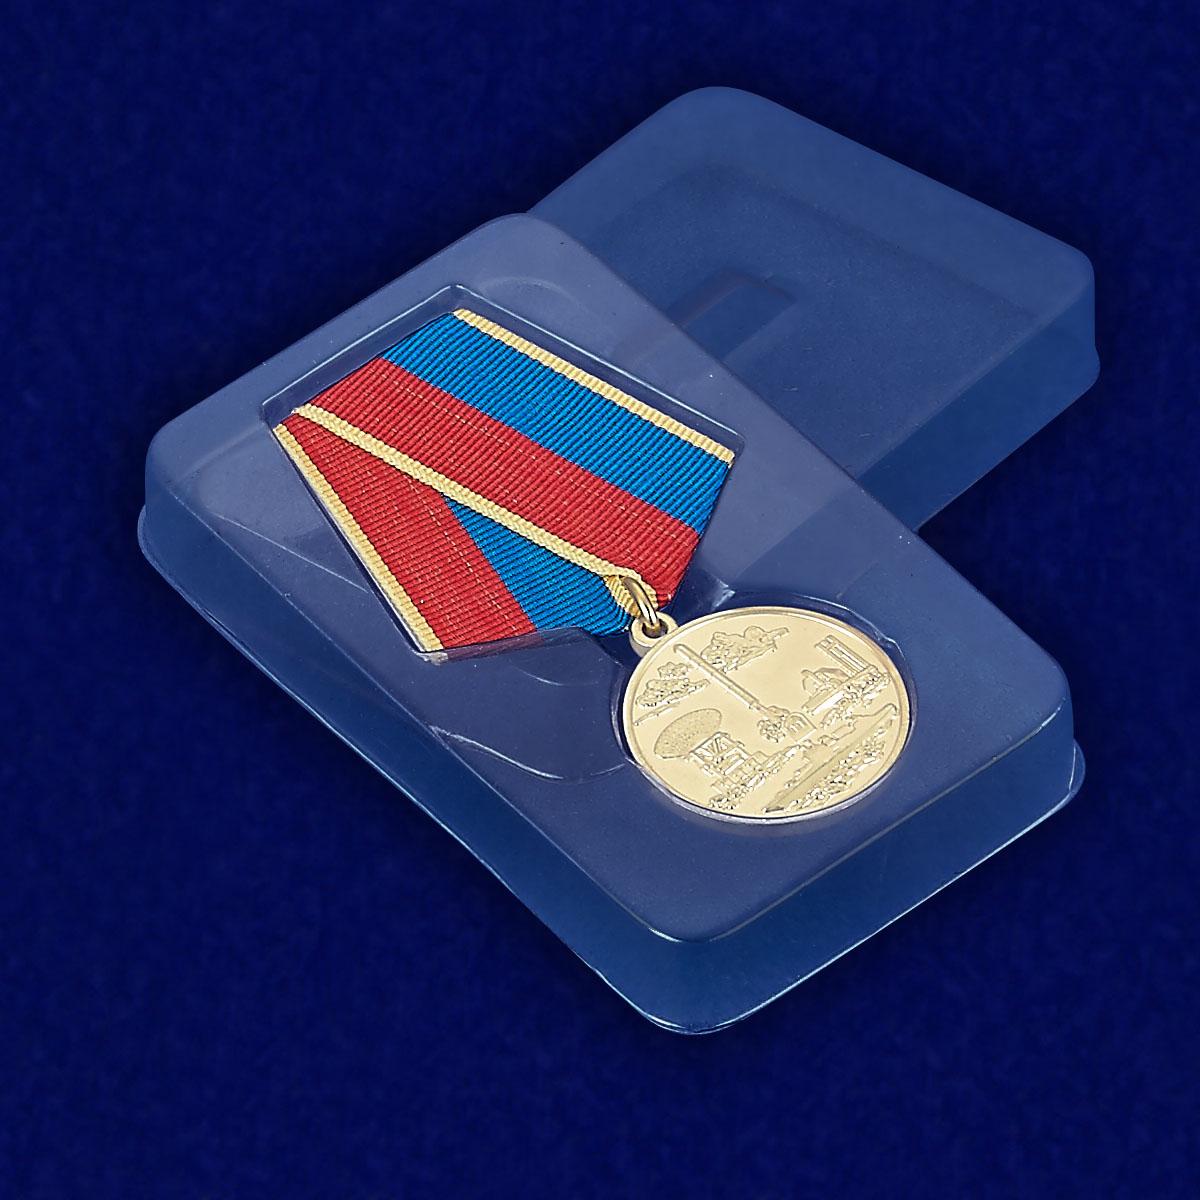 Медаль «За разработку, внедрение и эксплуатацию систем вооружения» - вид в футляре